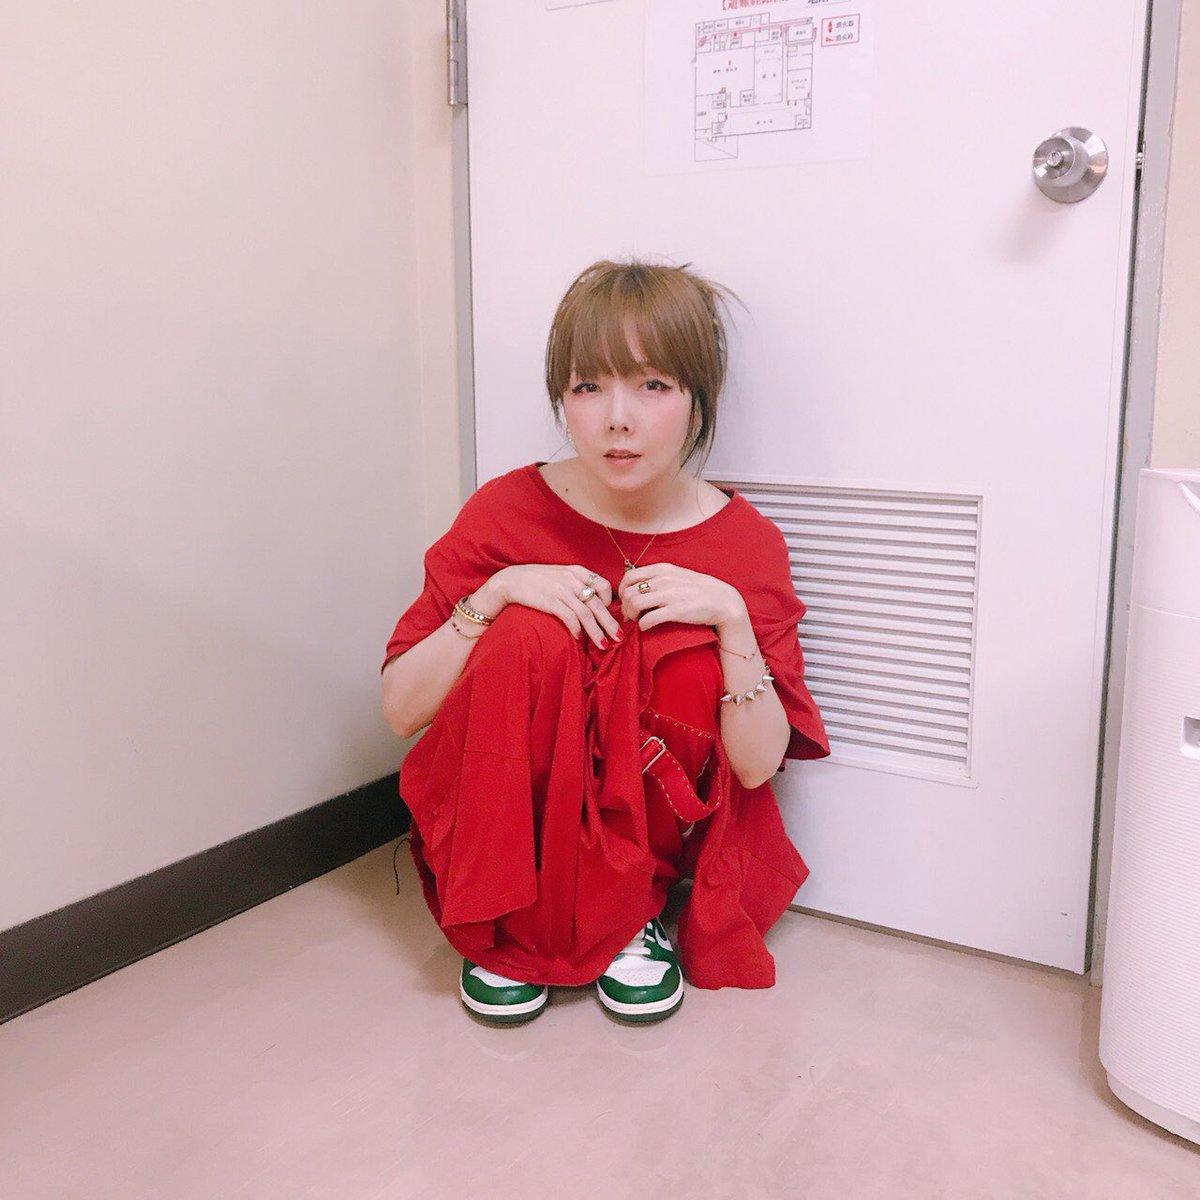 aiko真っ赤なワンピース可愛い姿